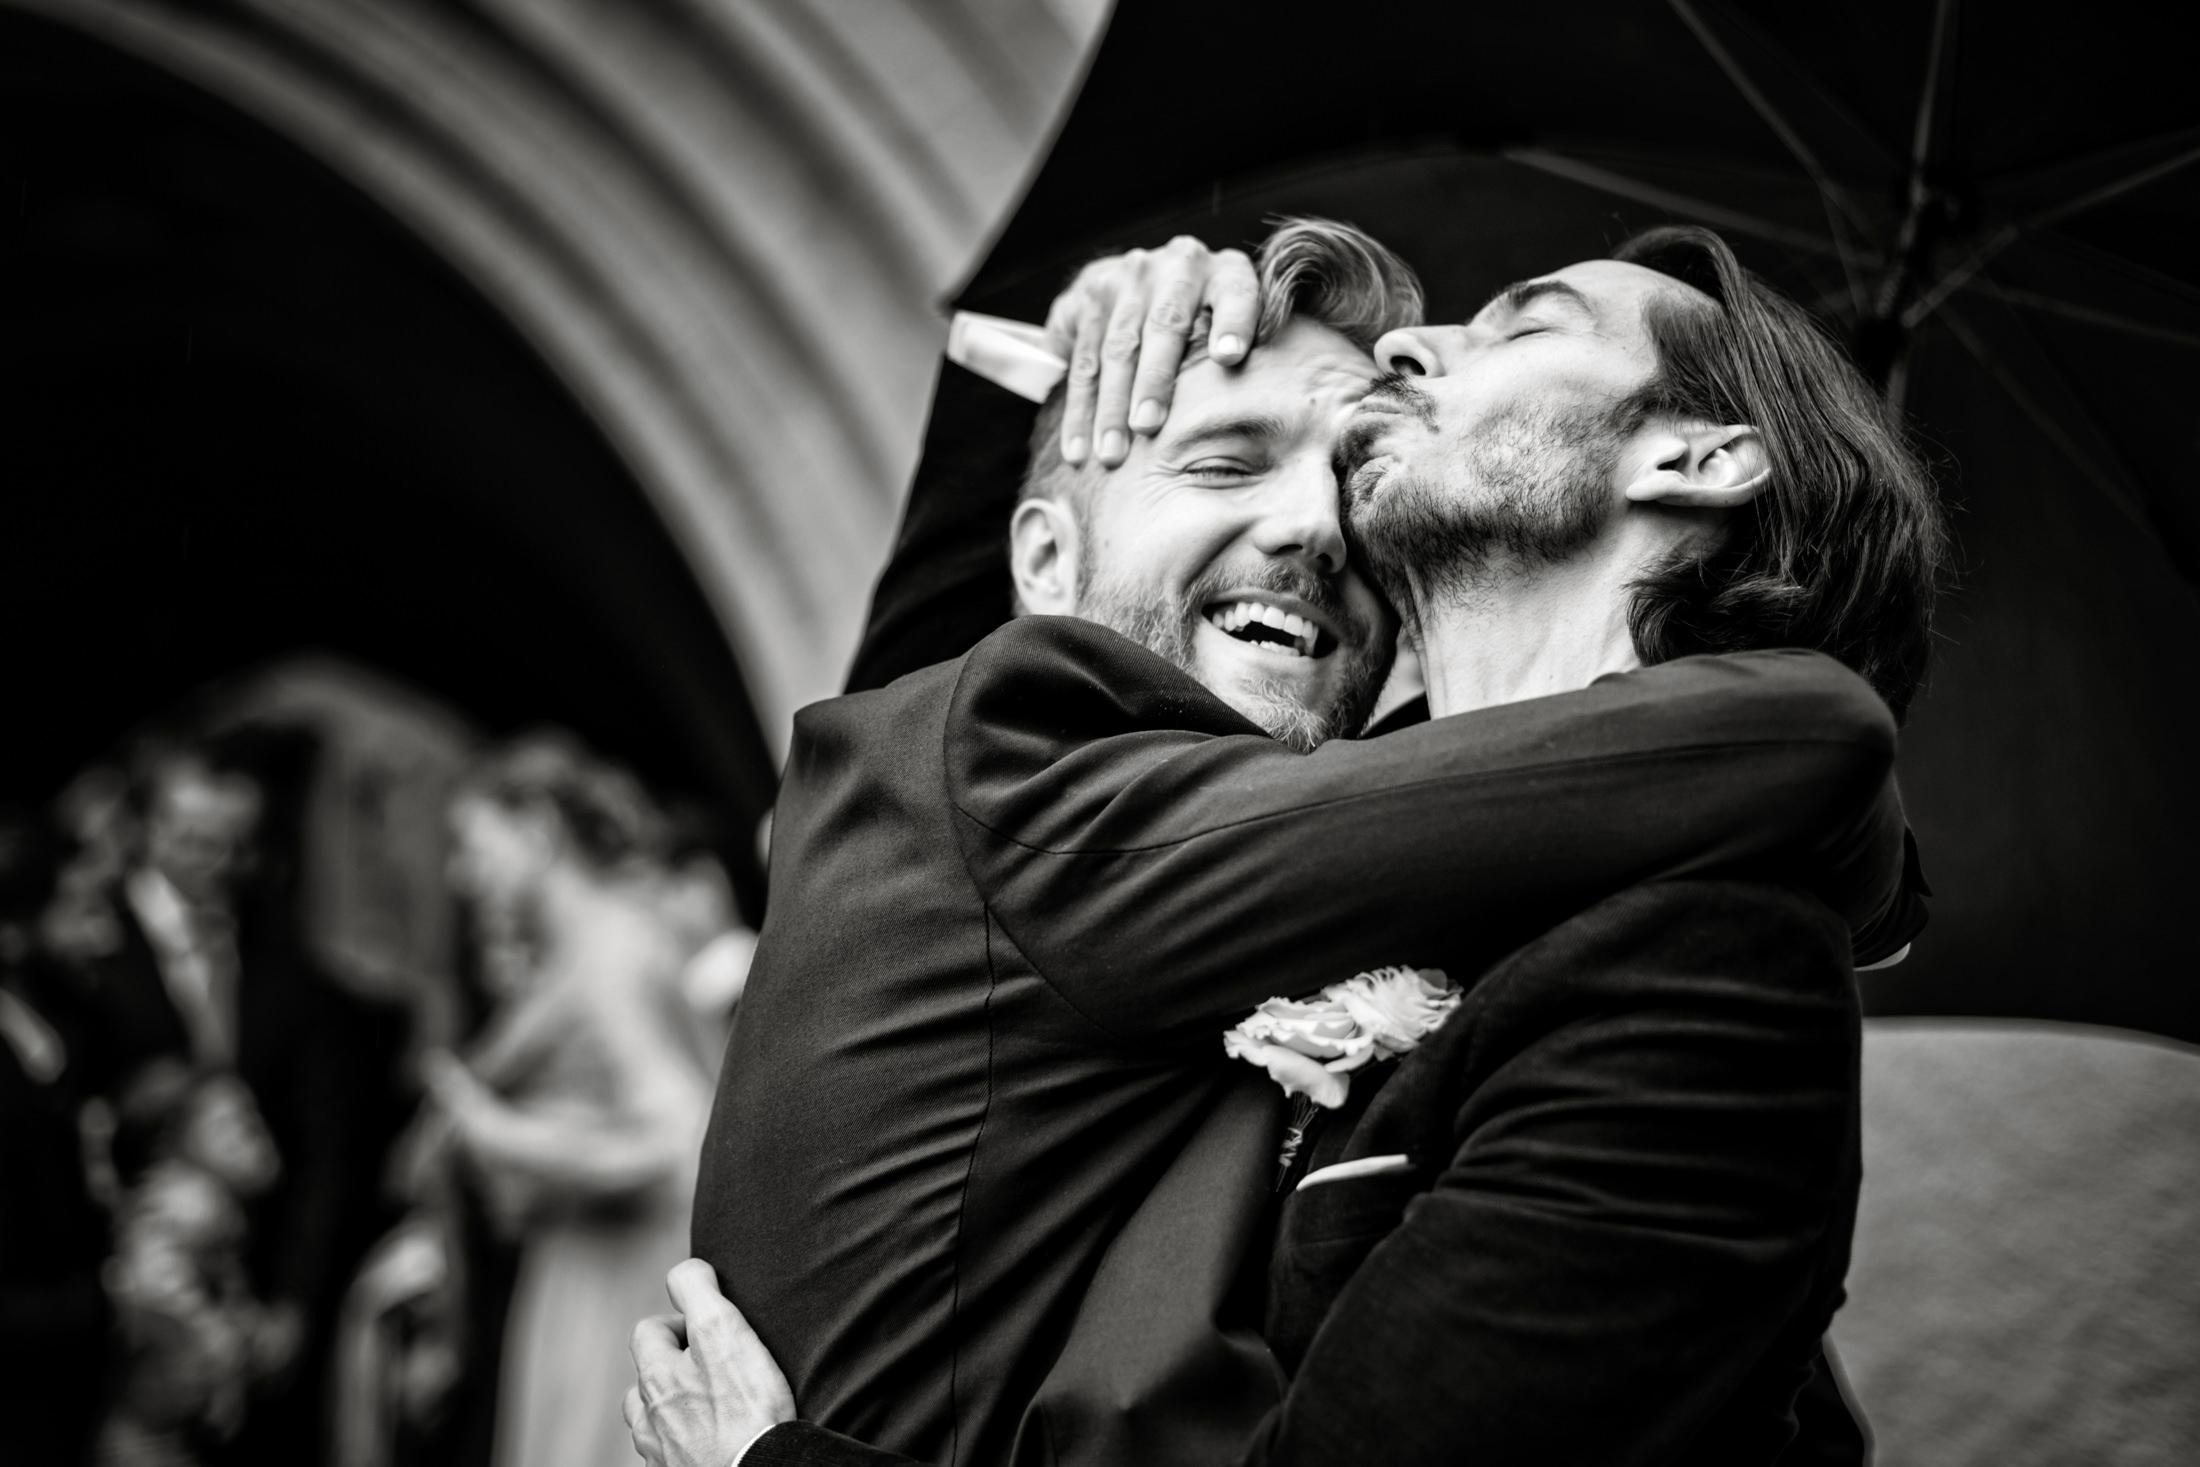 portrait mariage pris sur le vif spontanéité photographe